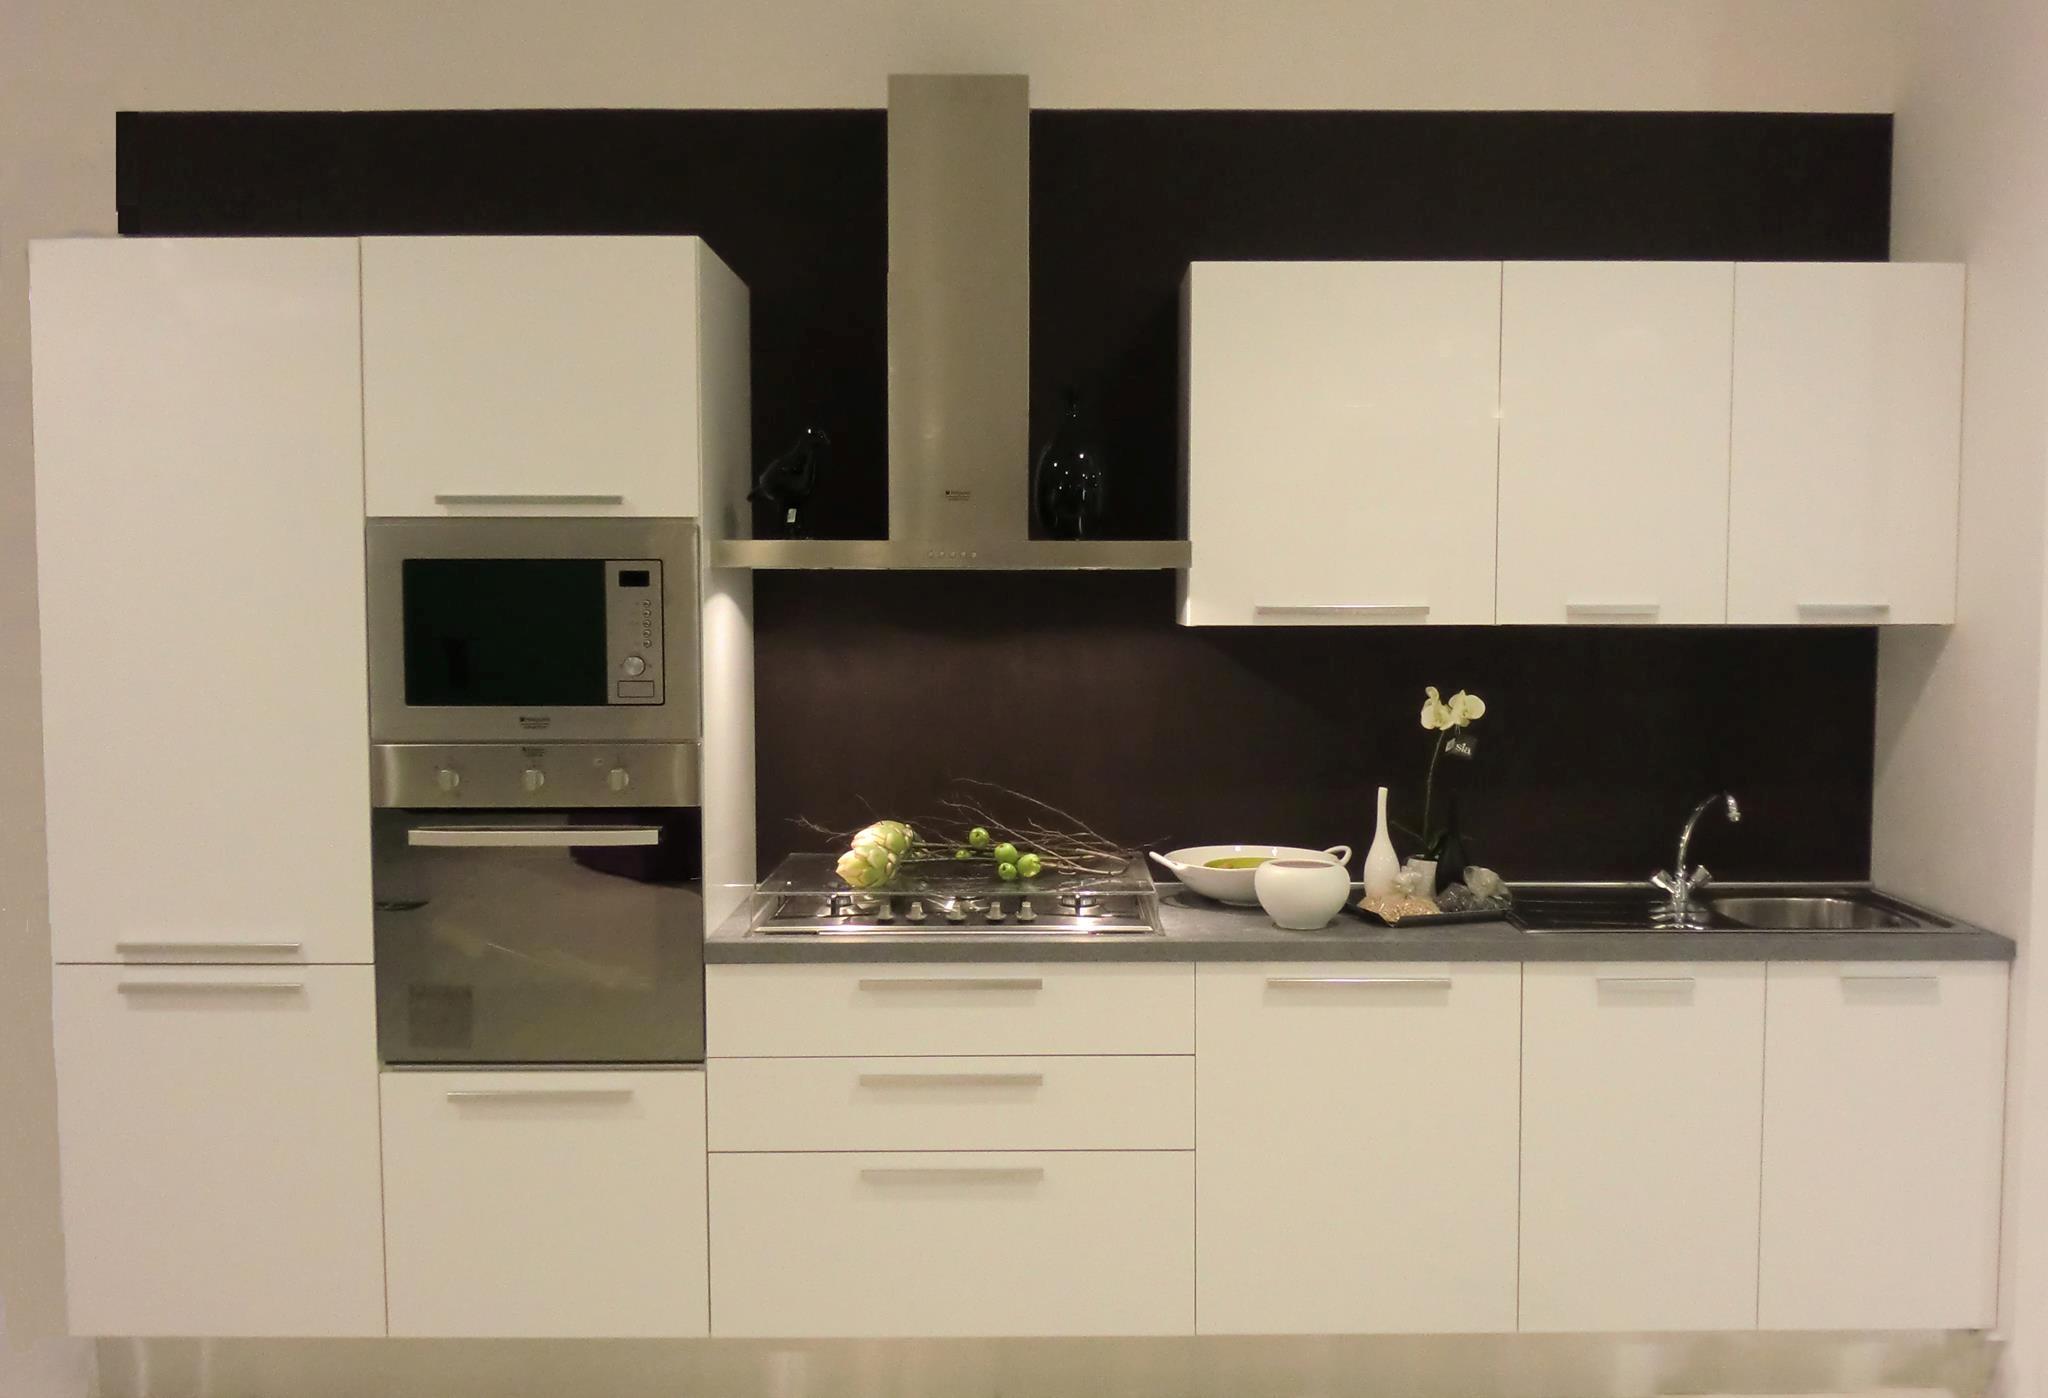 Cucina arrex 1 timo laccato lucido cucine a prezzi scontati - Cucine componibili bianche ...